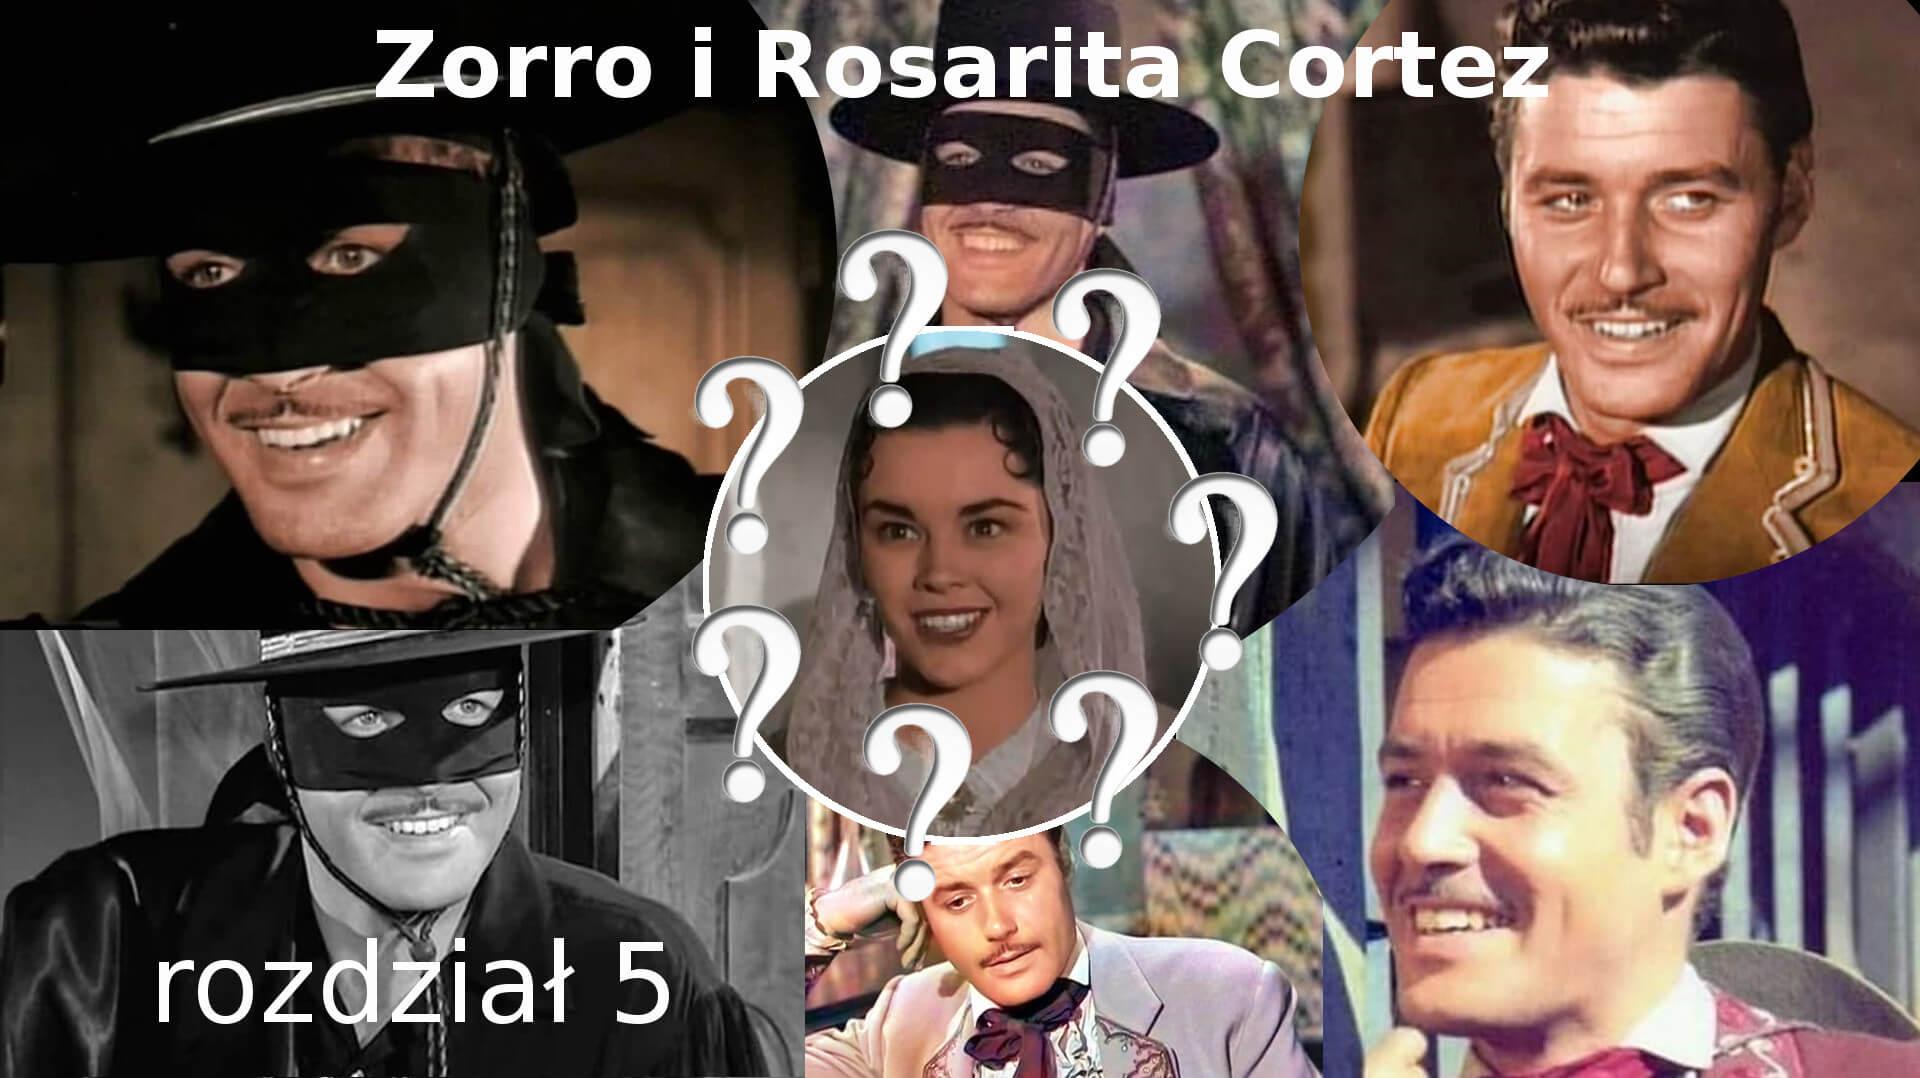 Zorro i Rosarita Cortez rozdział 5 Zorro fanfiction